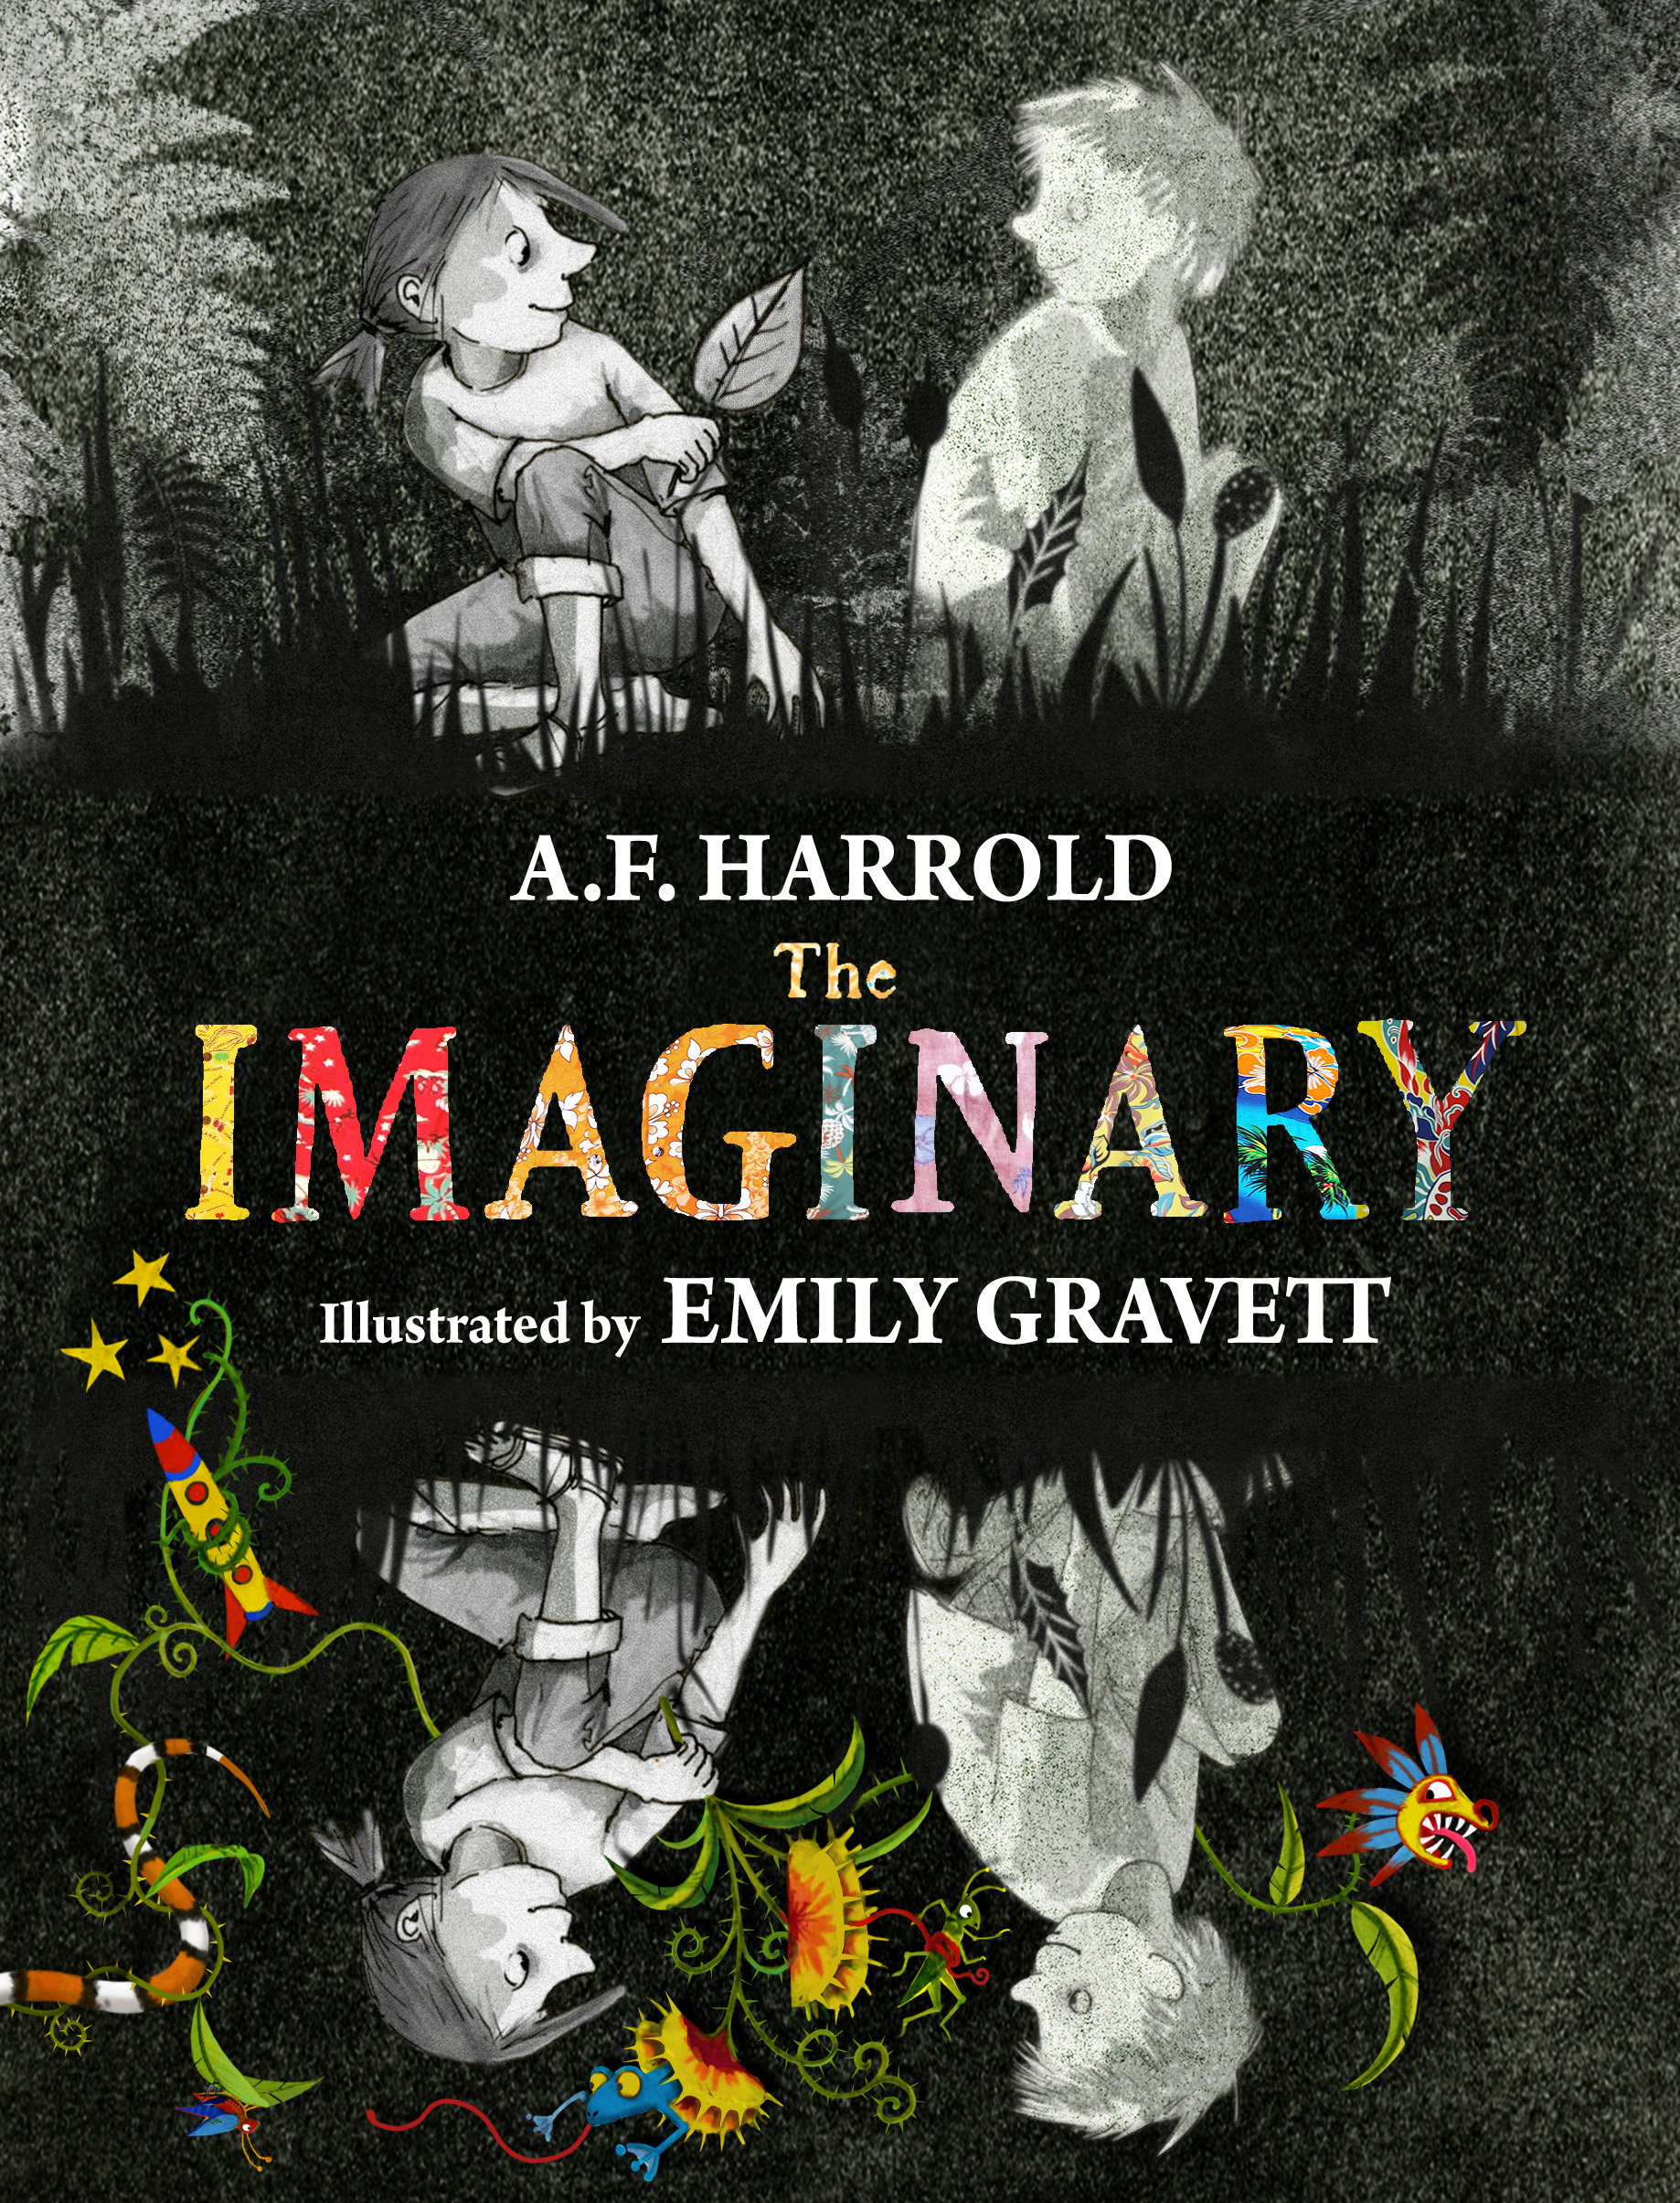 Imaginary cover 1.jpg